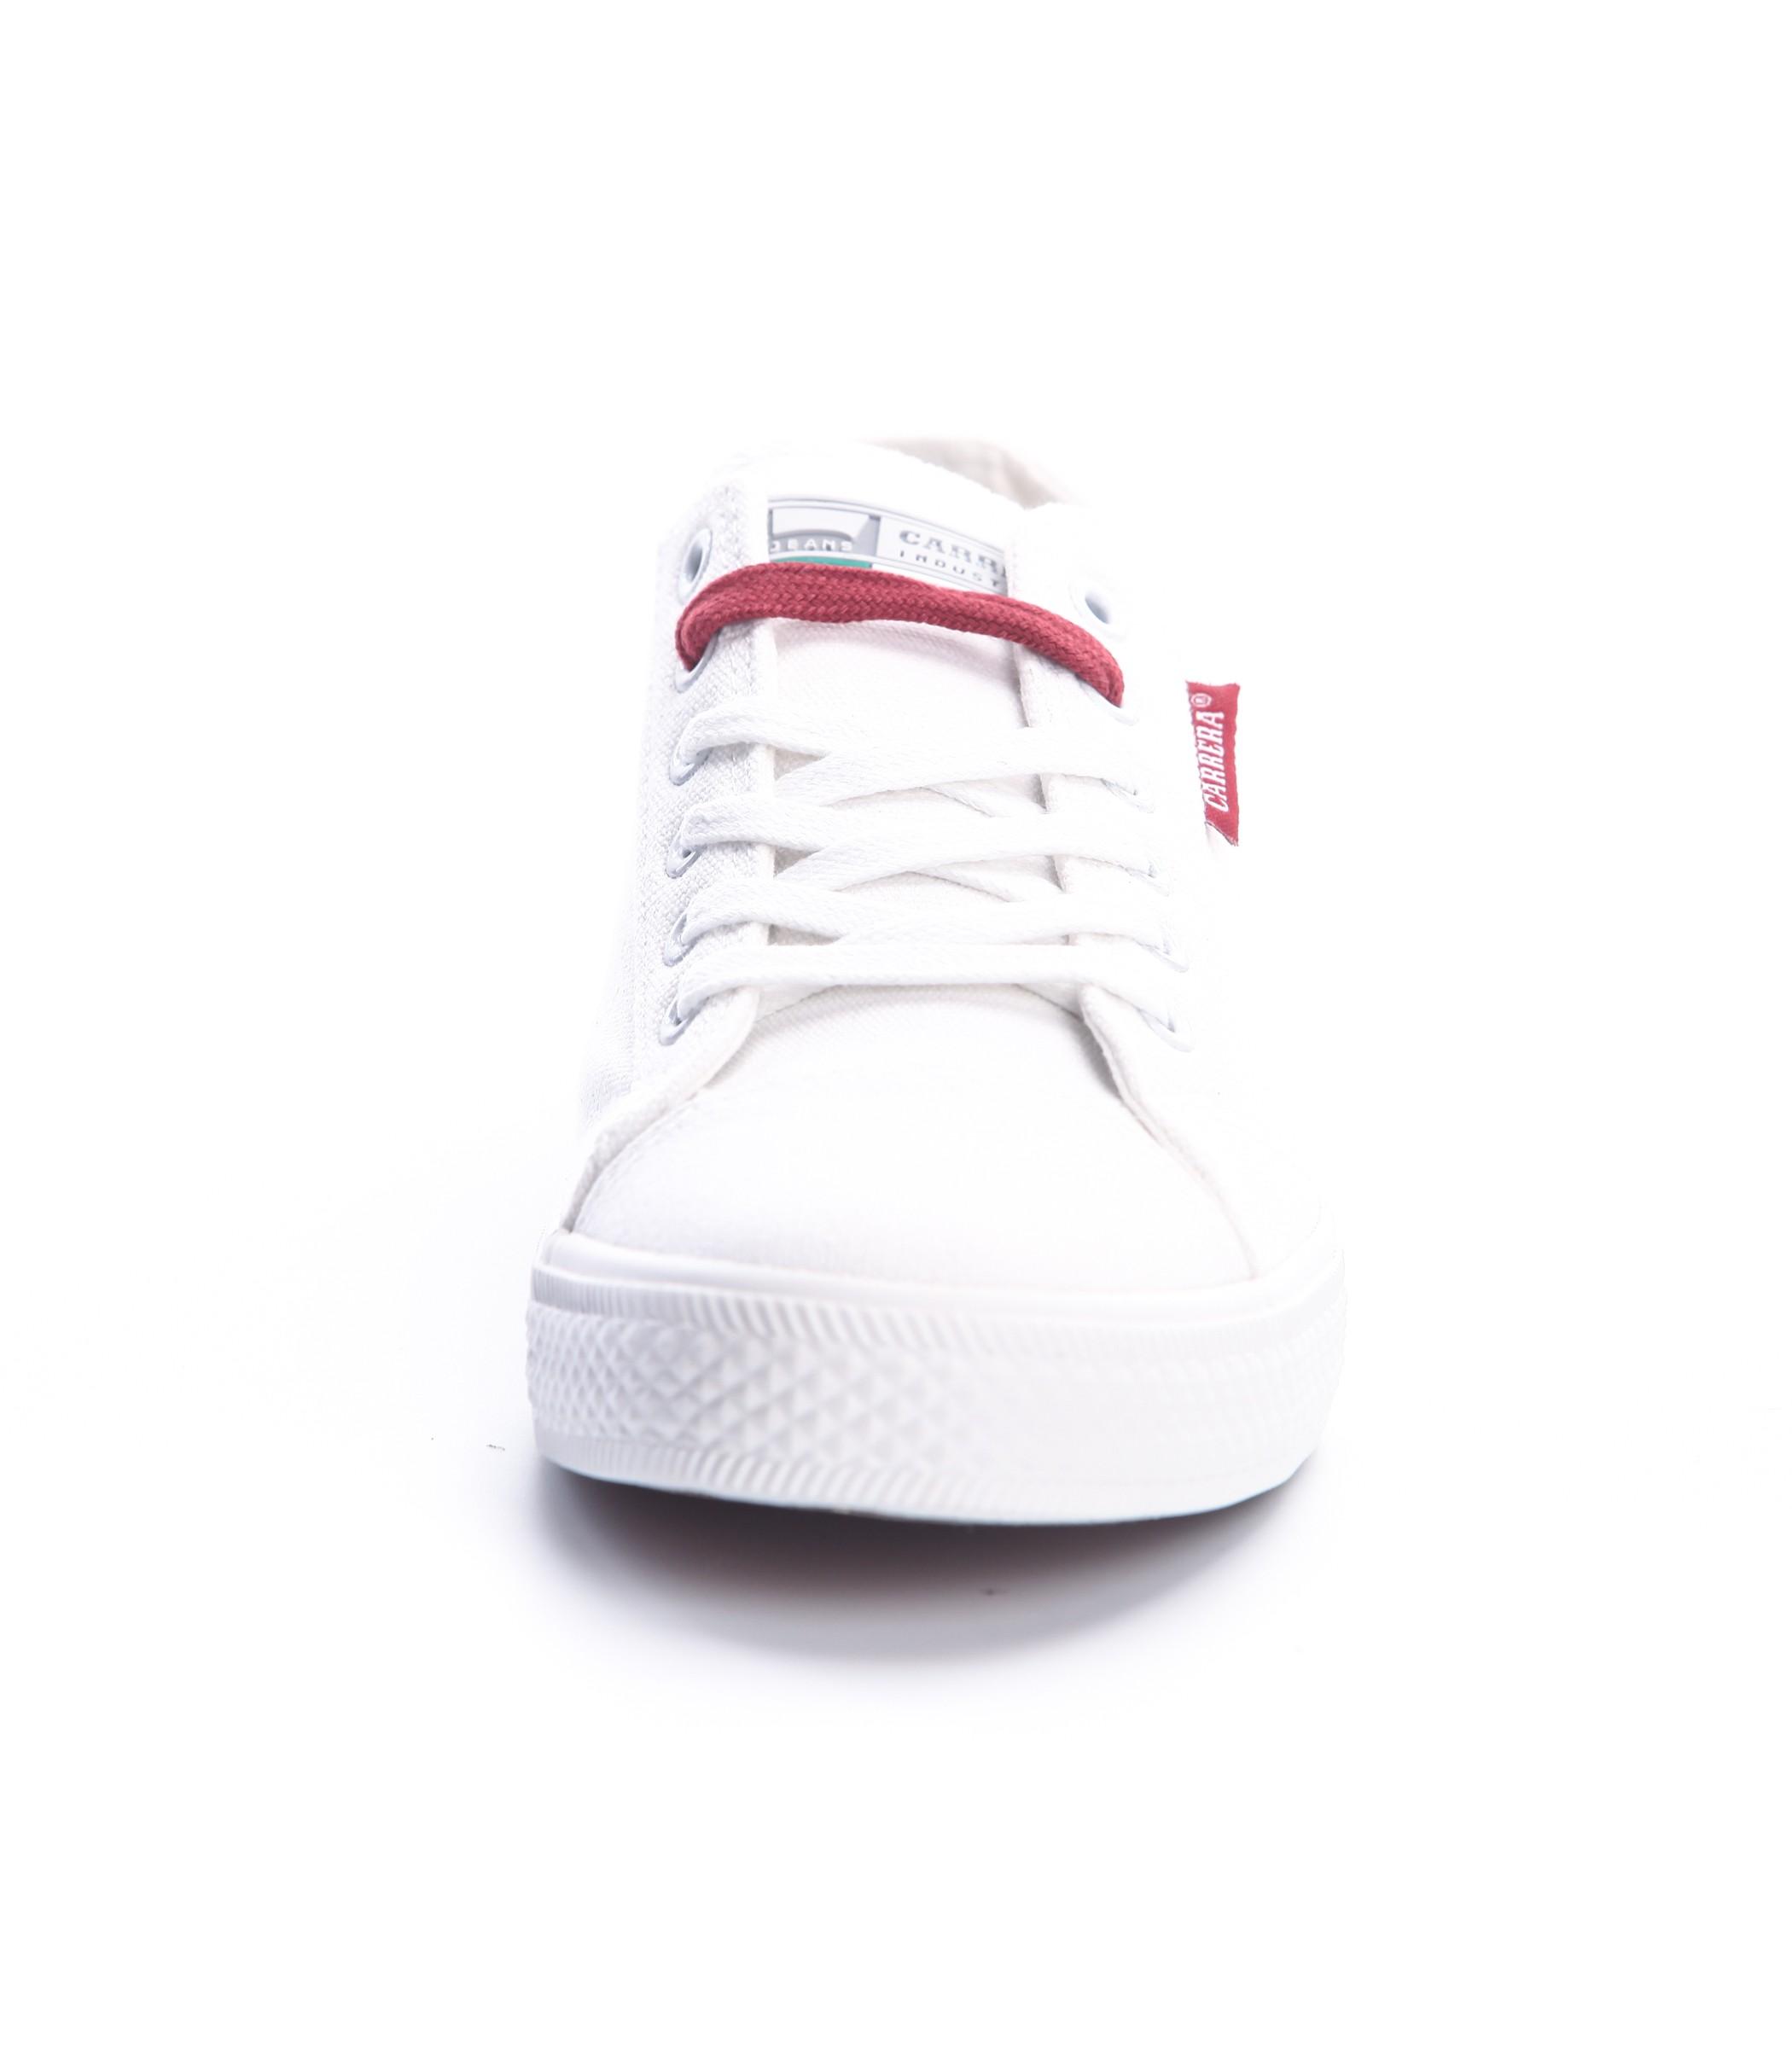 Scarpe Sneakers Carrera basse in tela da uomo rif. CAM910006